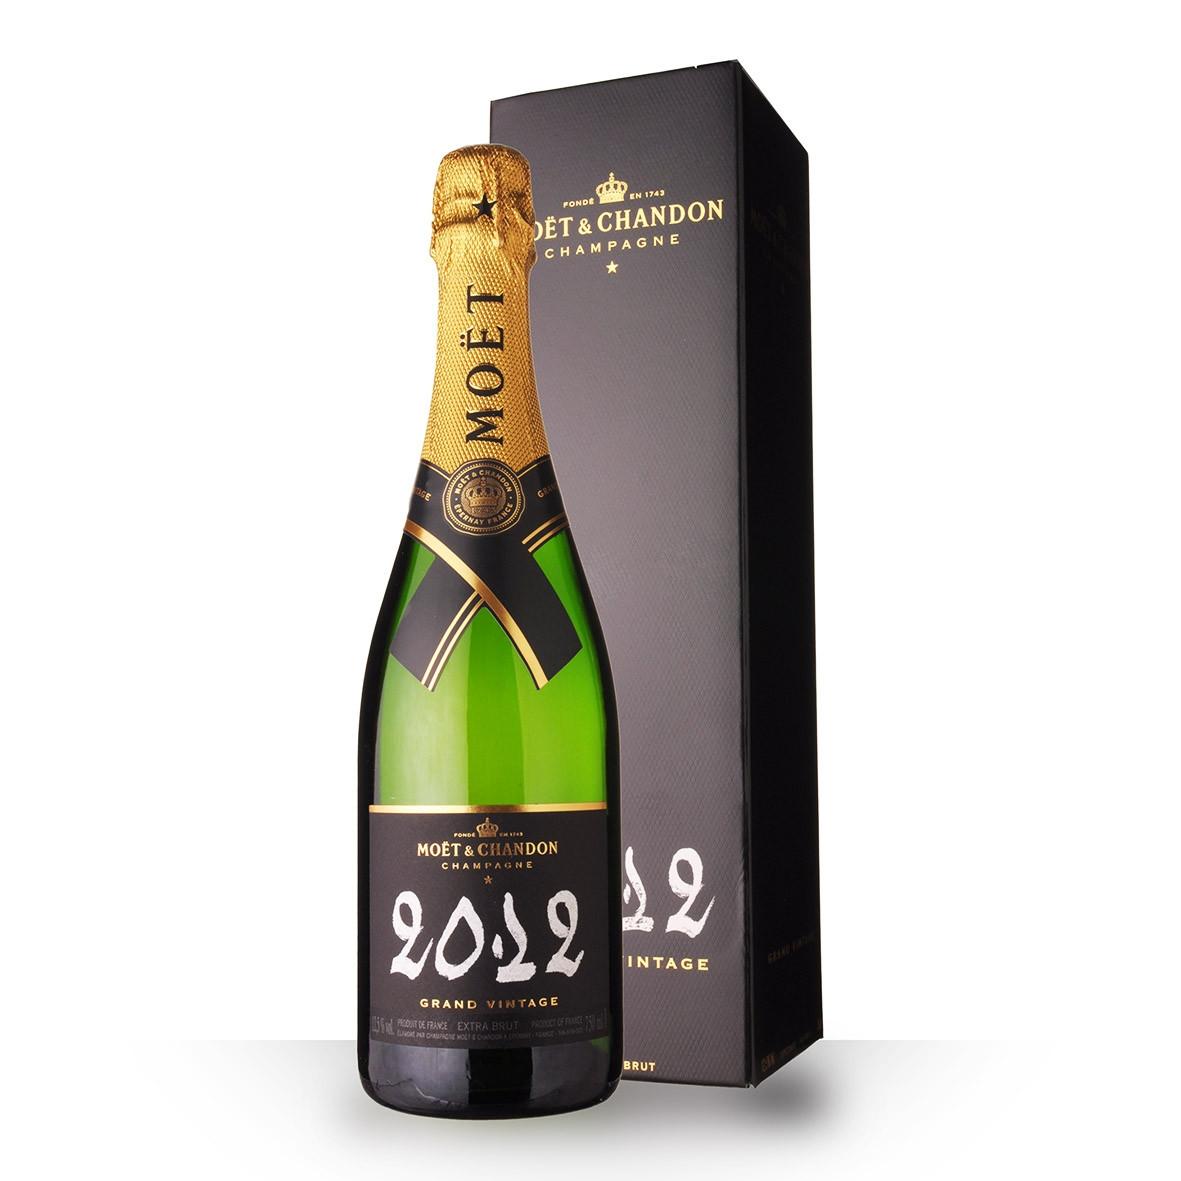 Champagne Moët et Chandon Grand Vintage 2012 Extra Brut 75cl Etui www.odyssee-vins.com